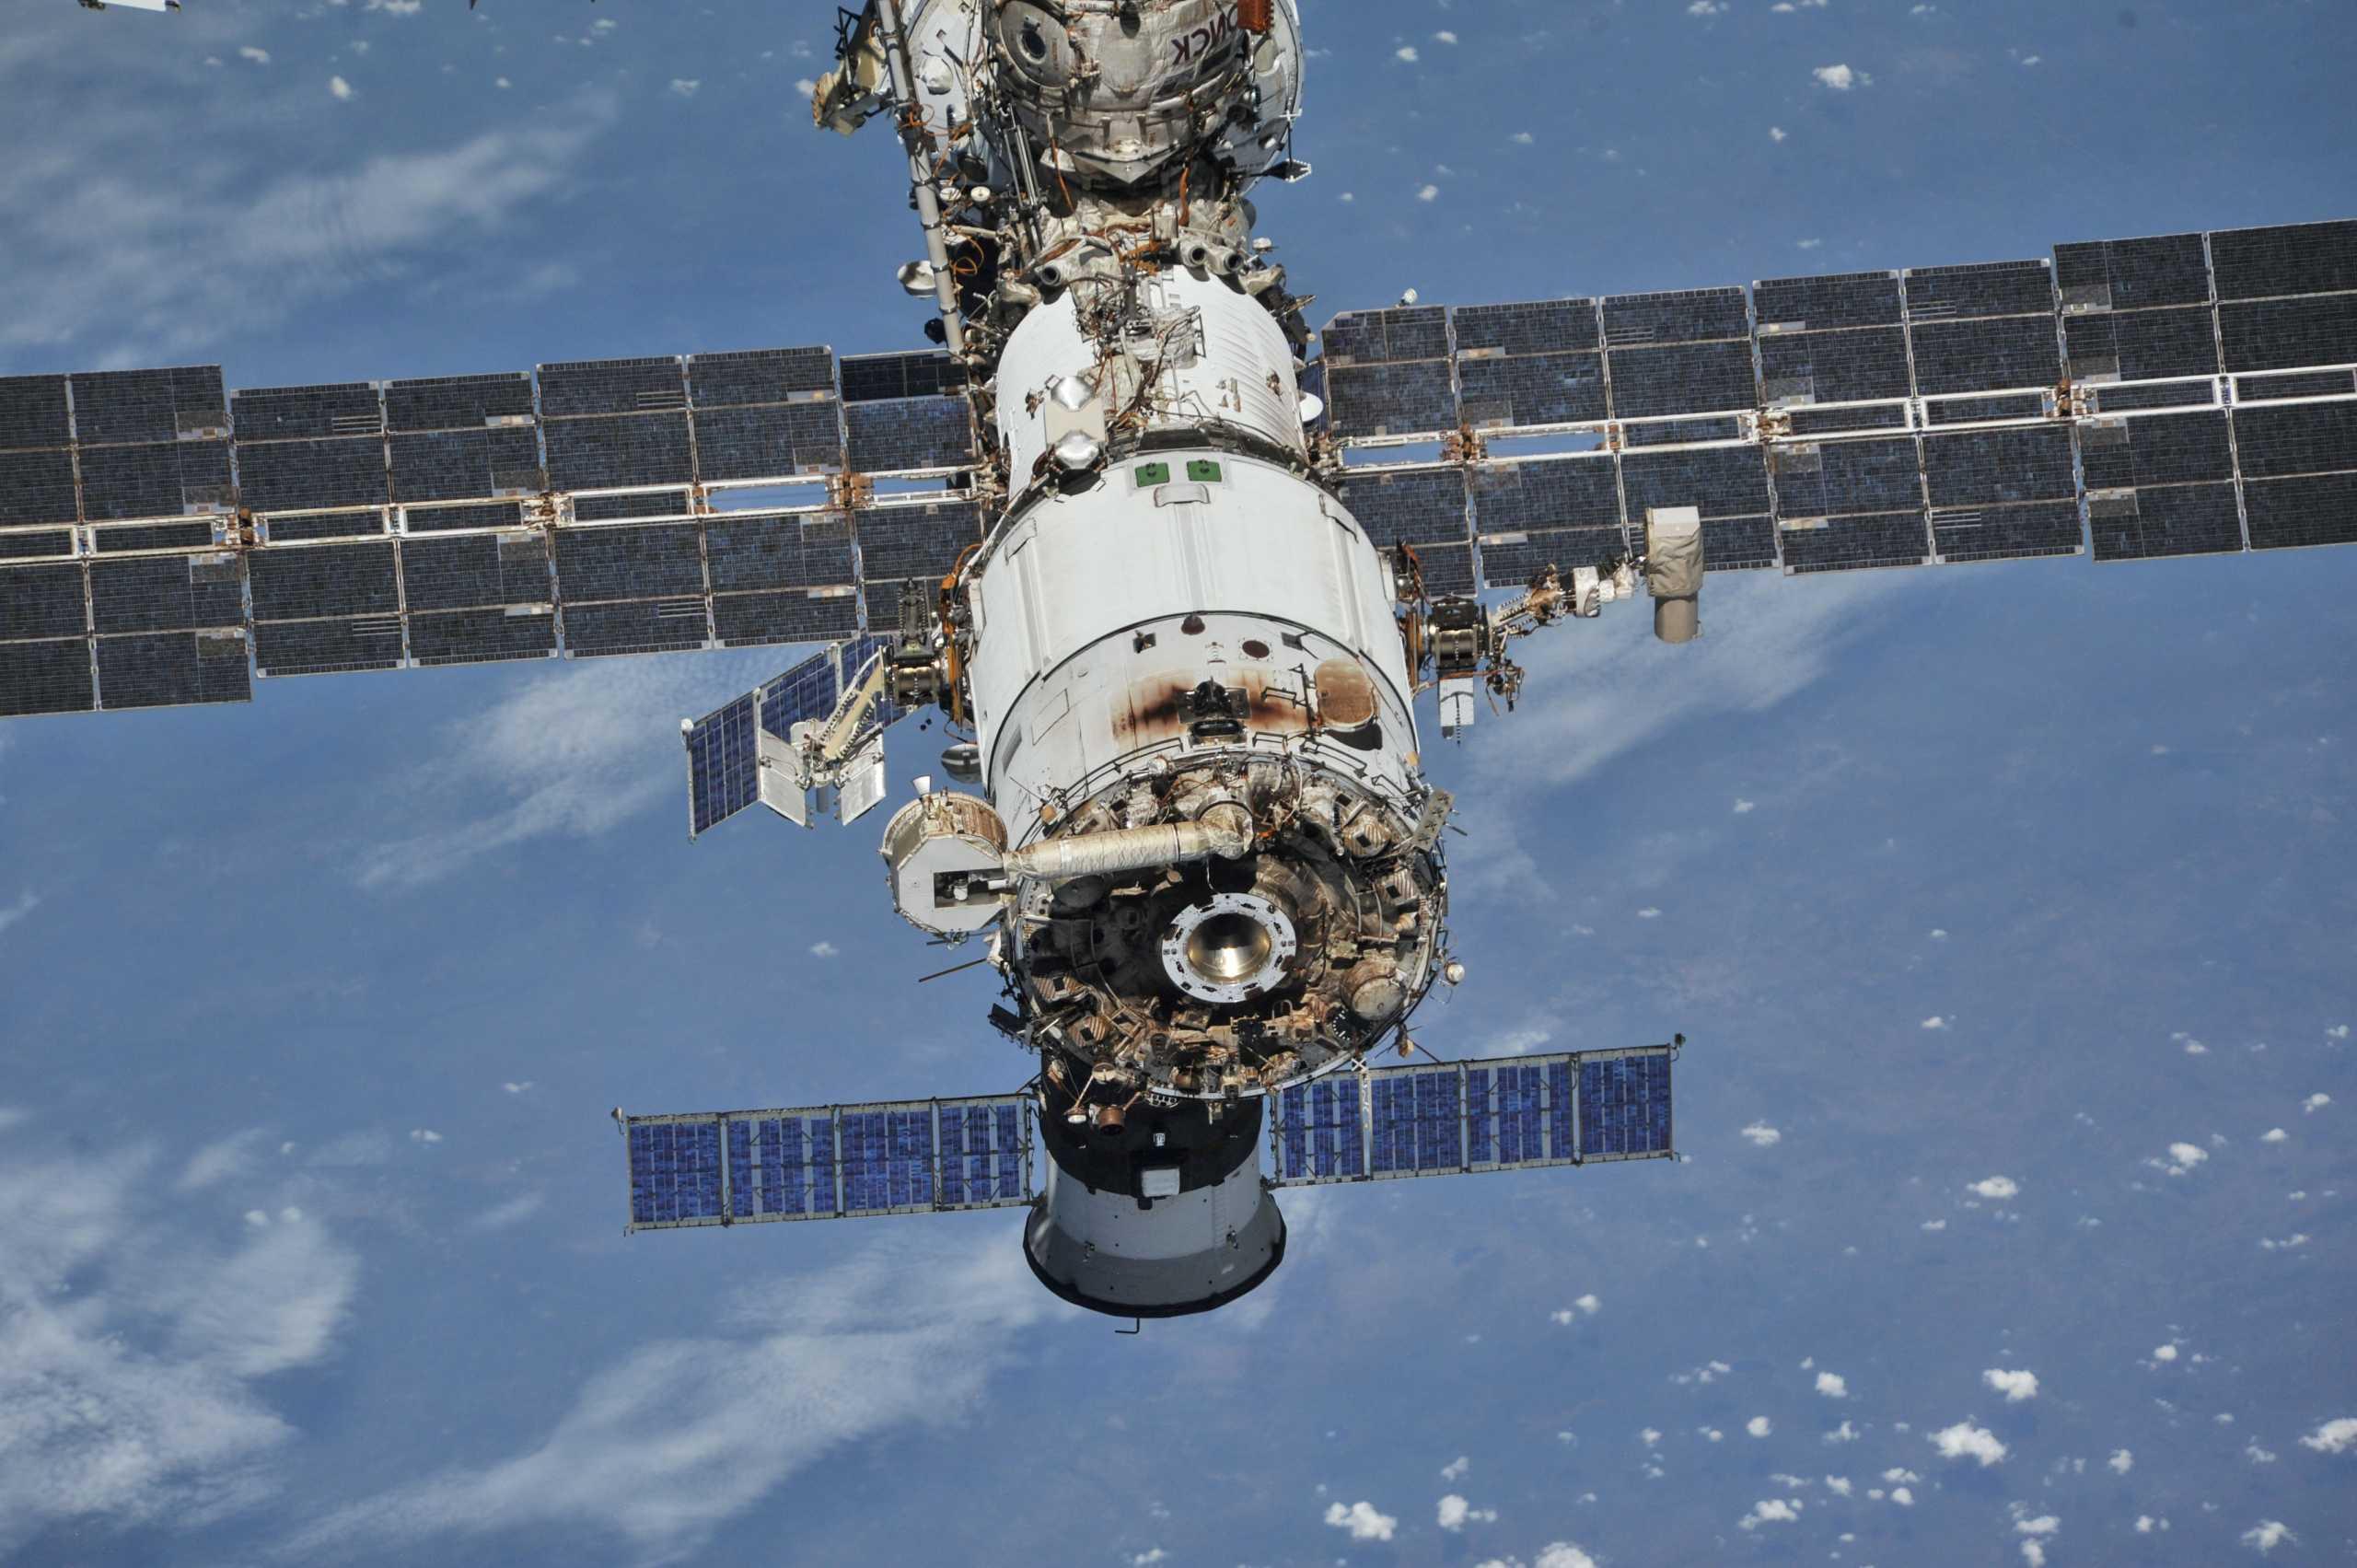 Ο χρόνος «τρώει» τον Διεθνή Διαστημικό Σταθμό – Βρέθηκαν νέες ρωγμές